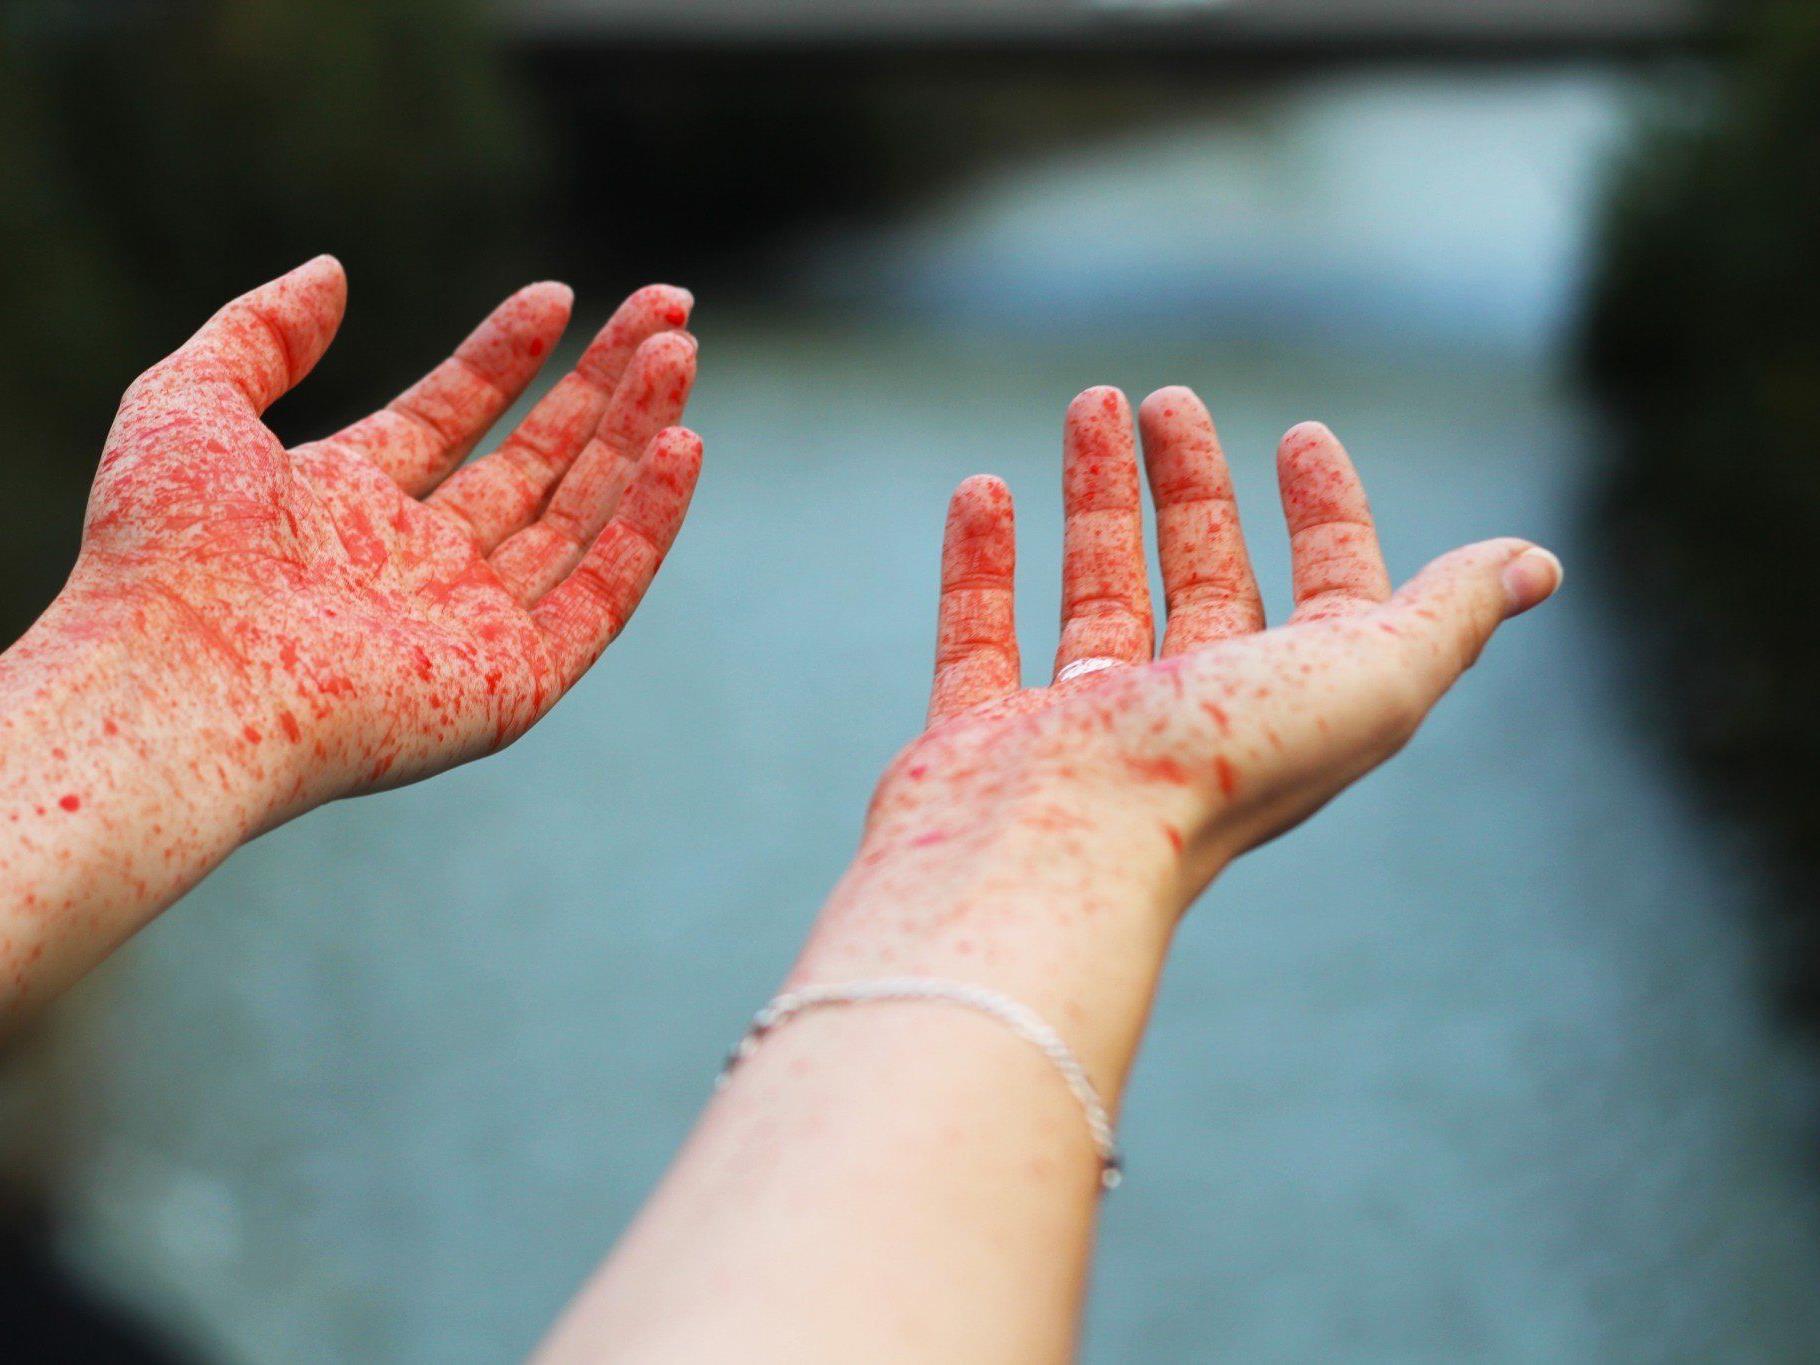 Das Burgfräulein mit Blut an den Händen.